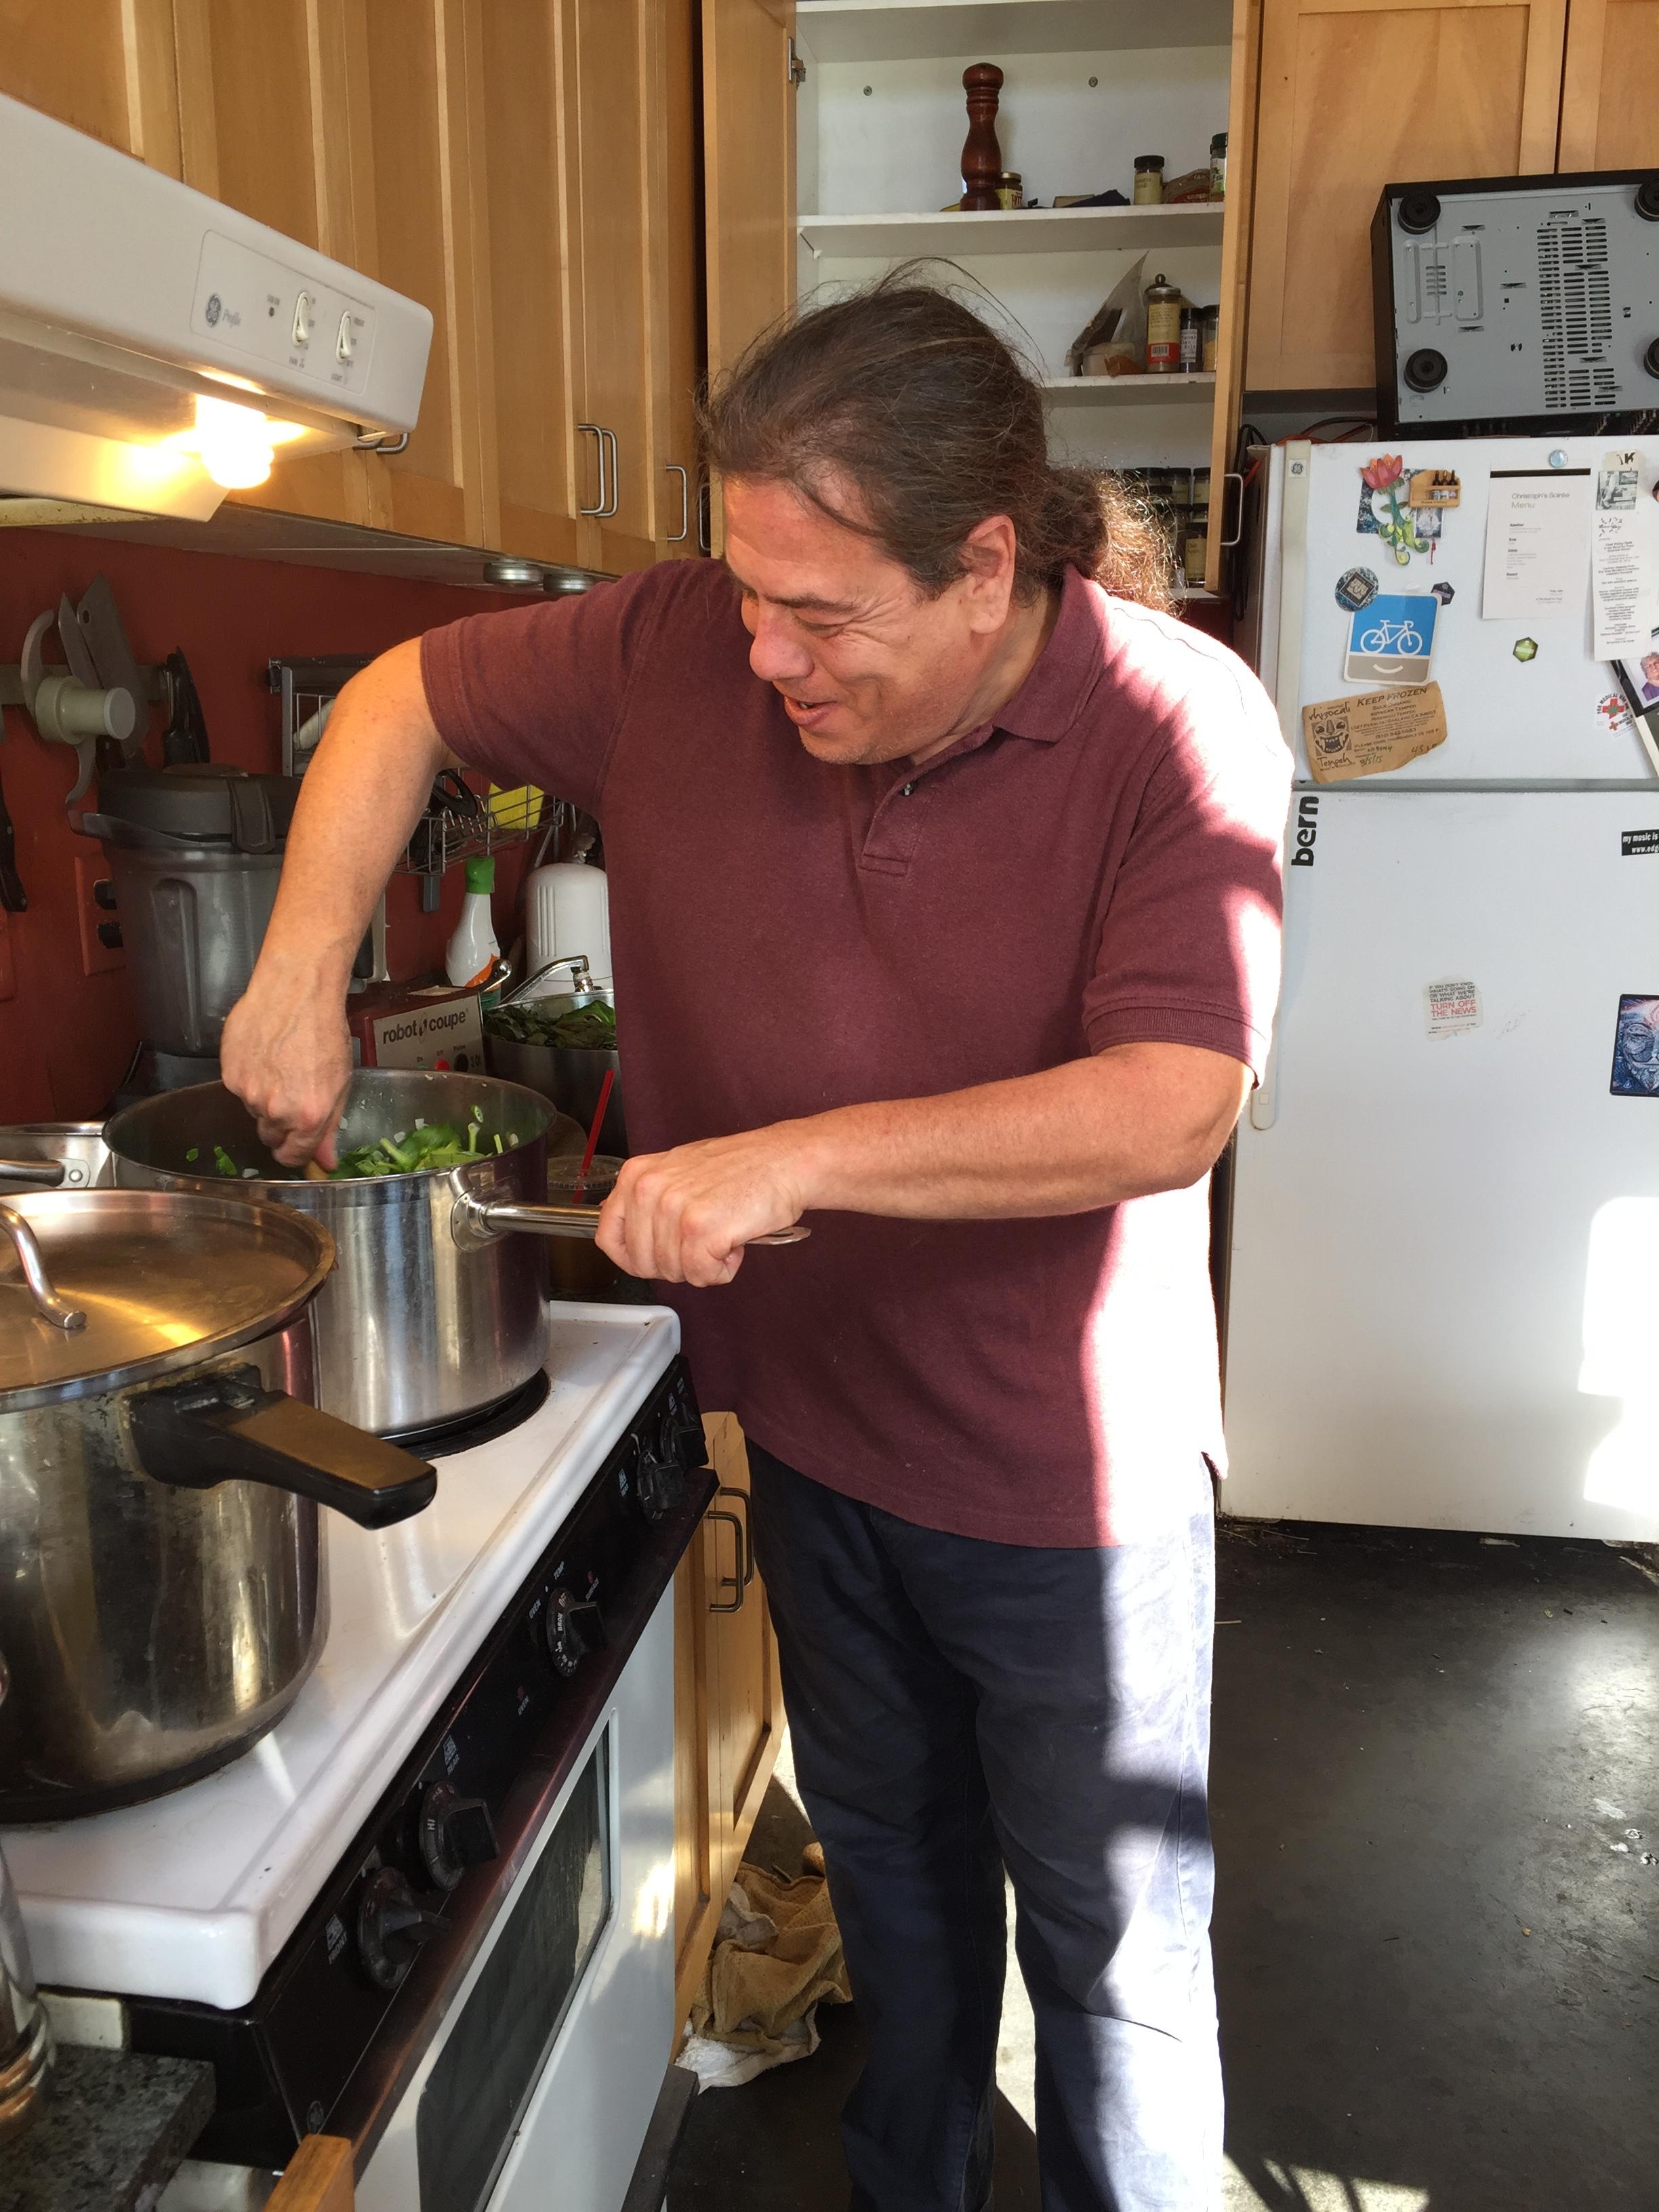 Chef Philip Gelb